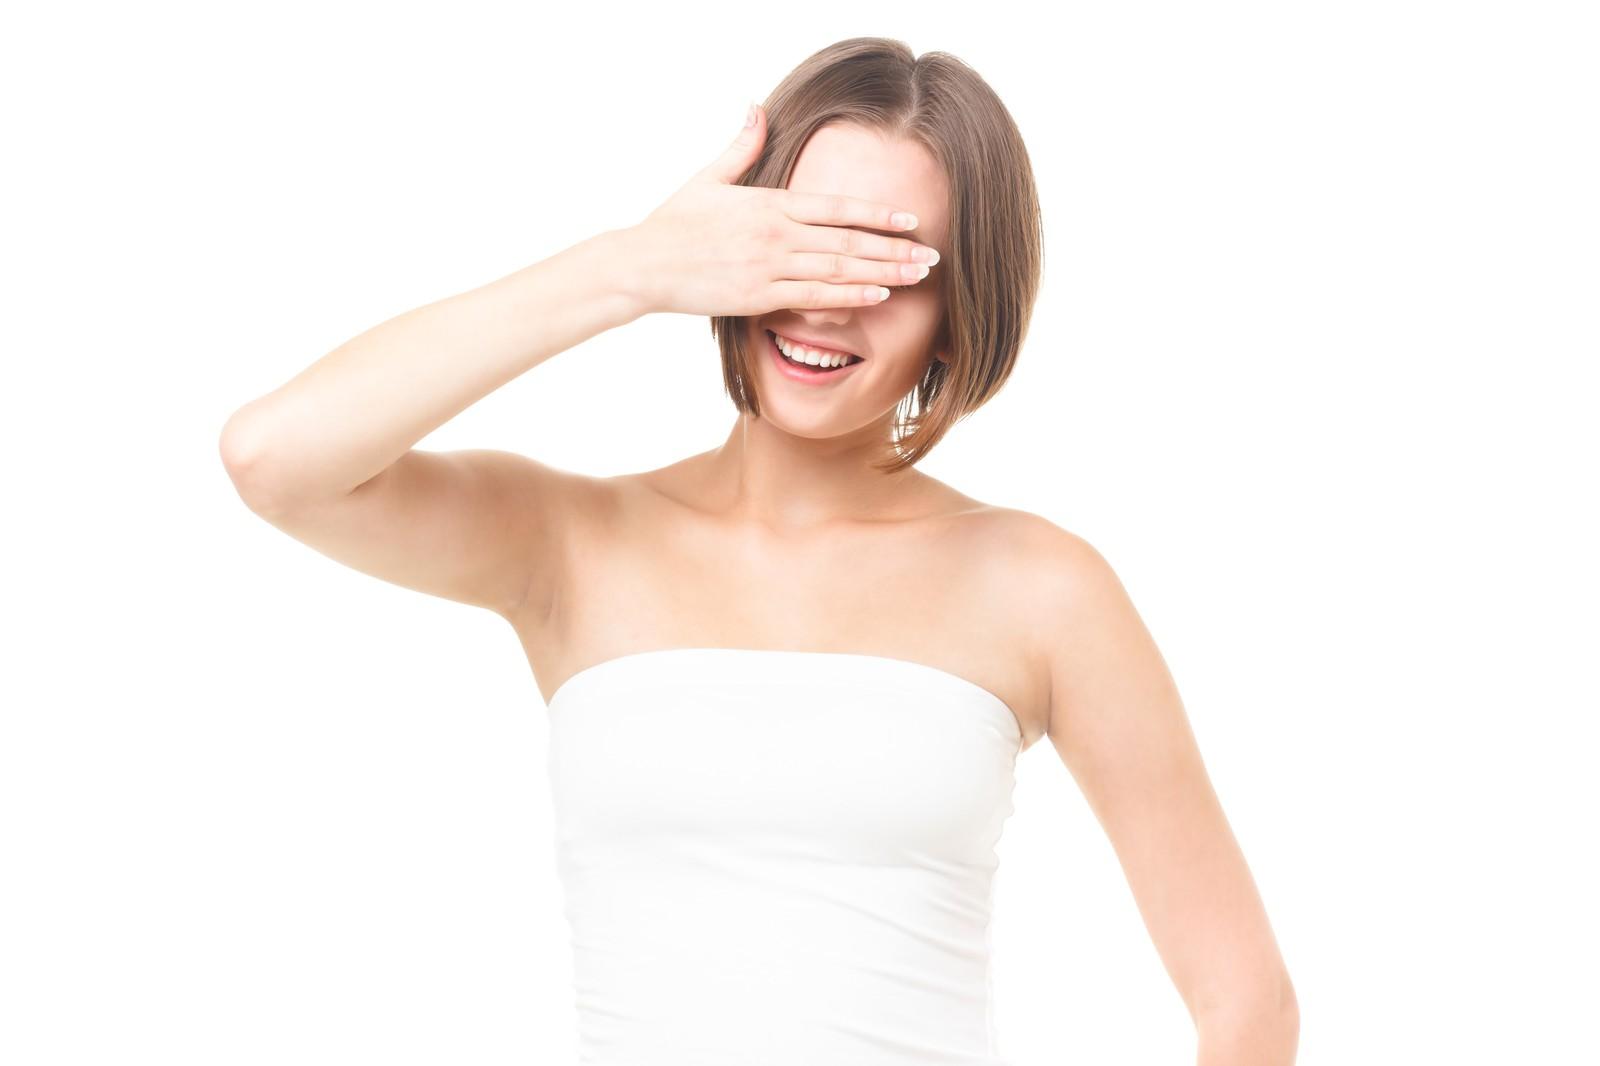 脇の色素沈着を治す方法 | 自宅で簡単に脇黒ずみ解消したい